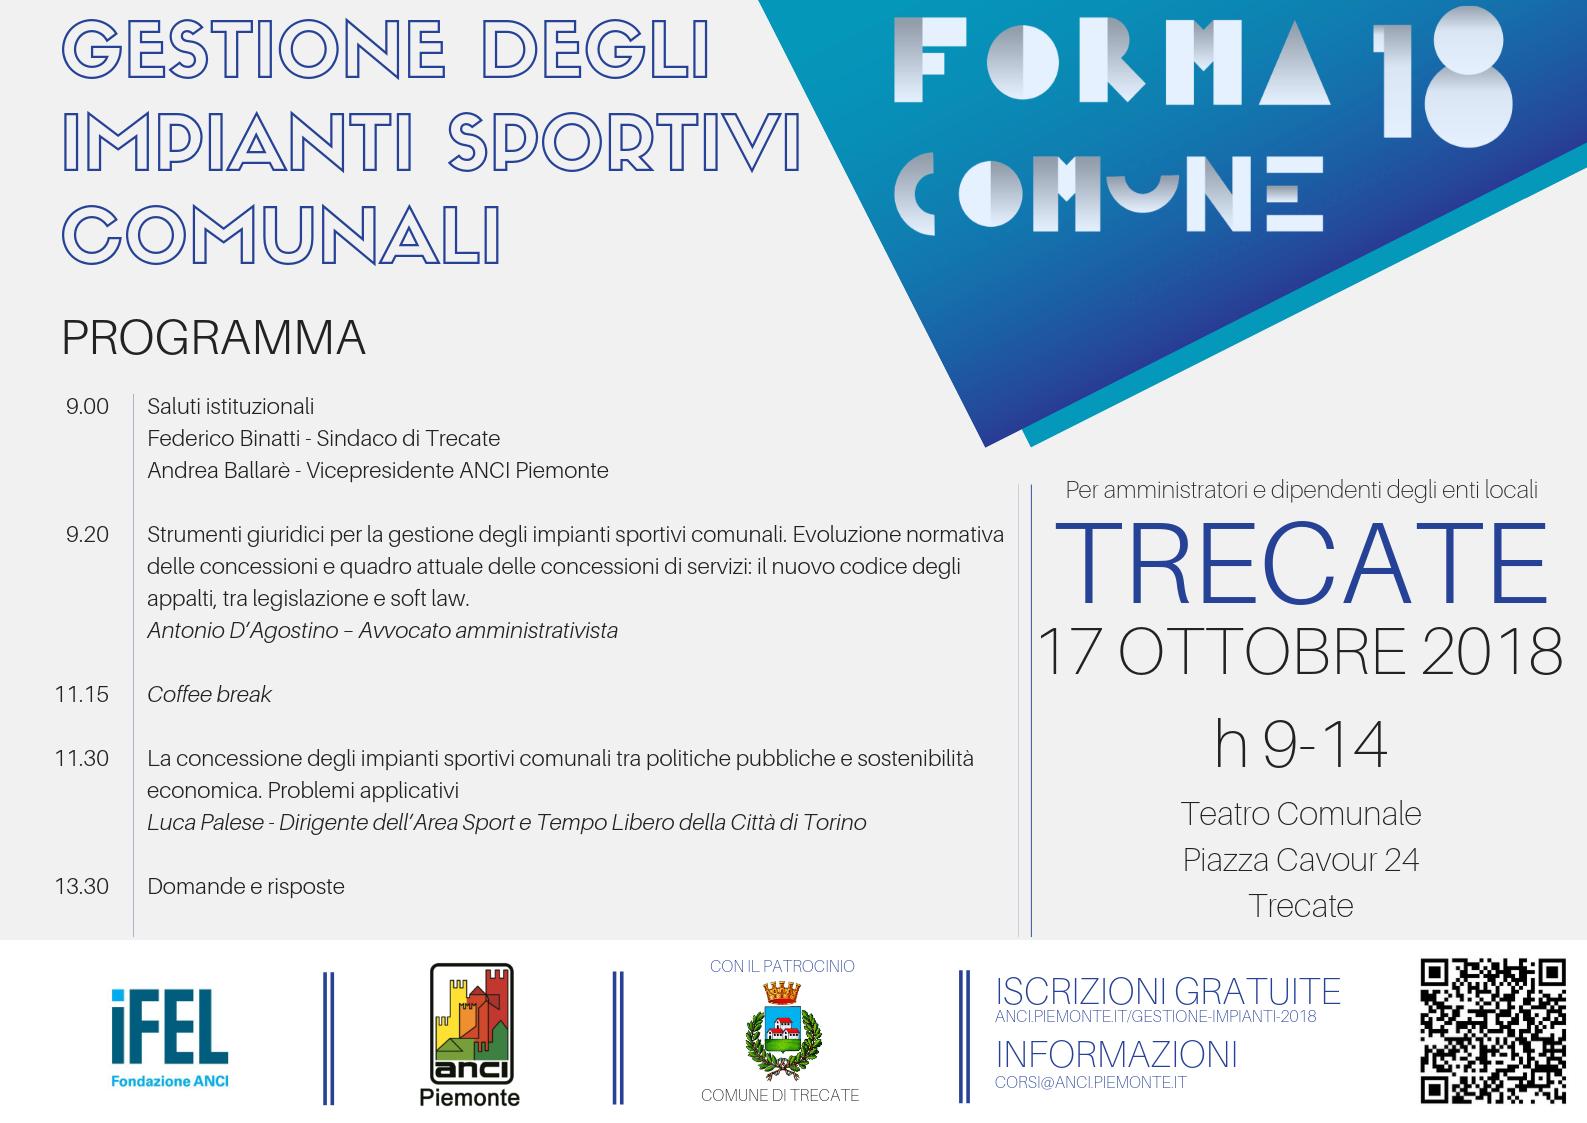 Forma Comune 2018 - Gestione degli impianti sportivi comunali - Trecate v3